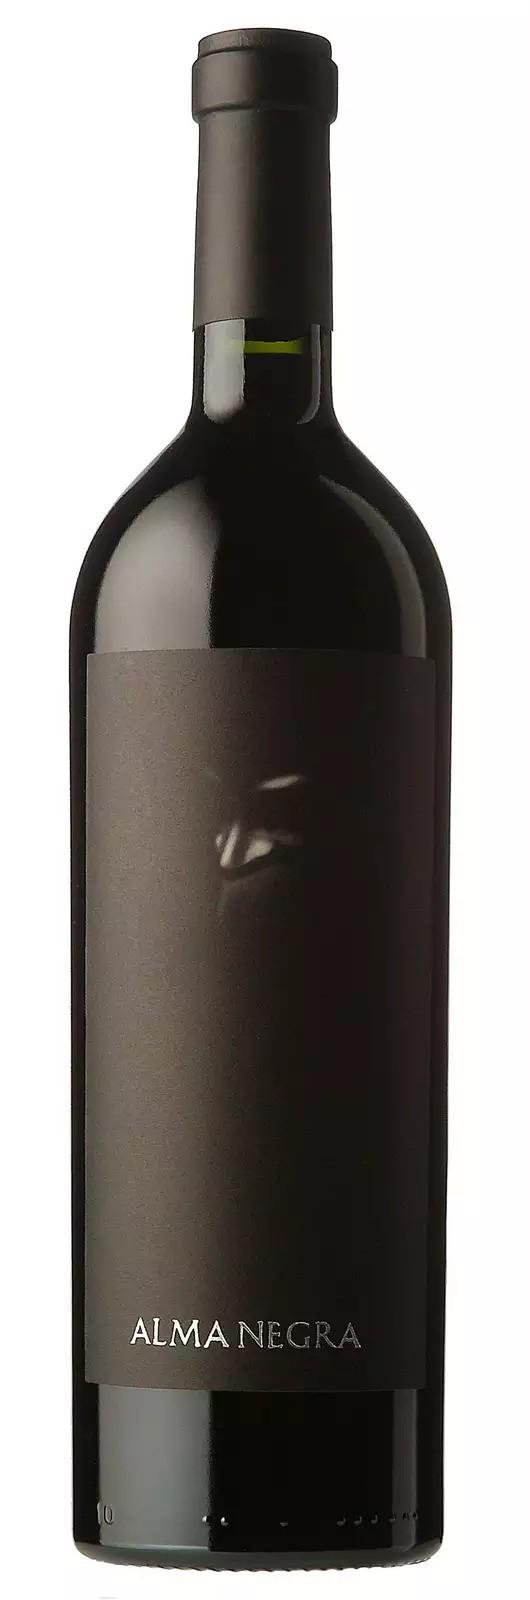 Kit 2x Vinho Tinto Argentino Alma Negra Ernesto Catena 2017